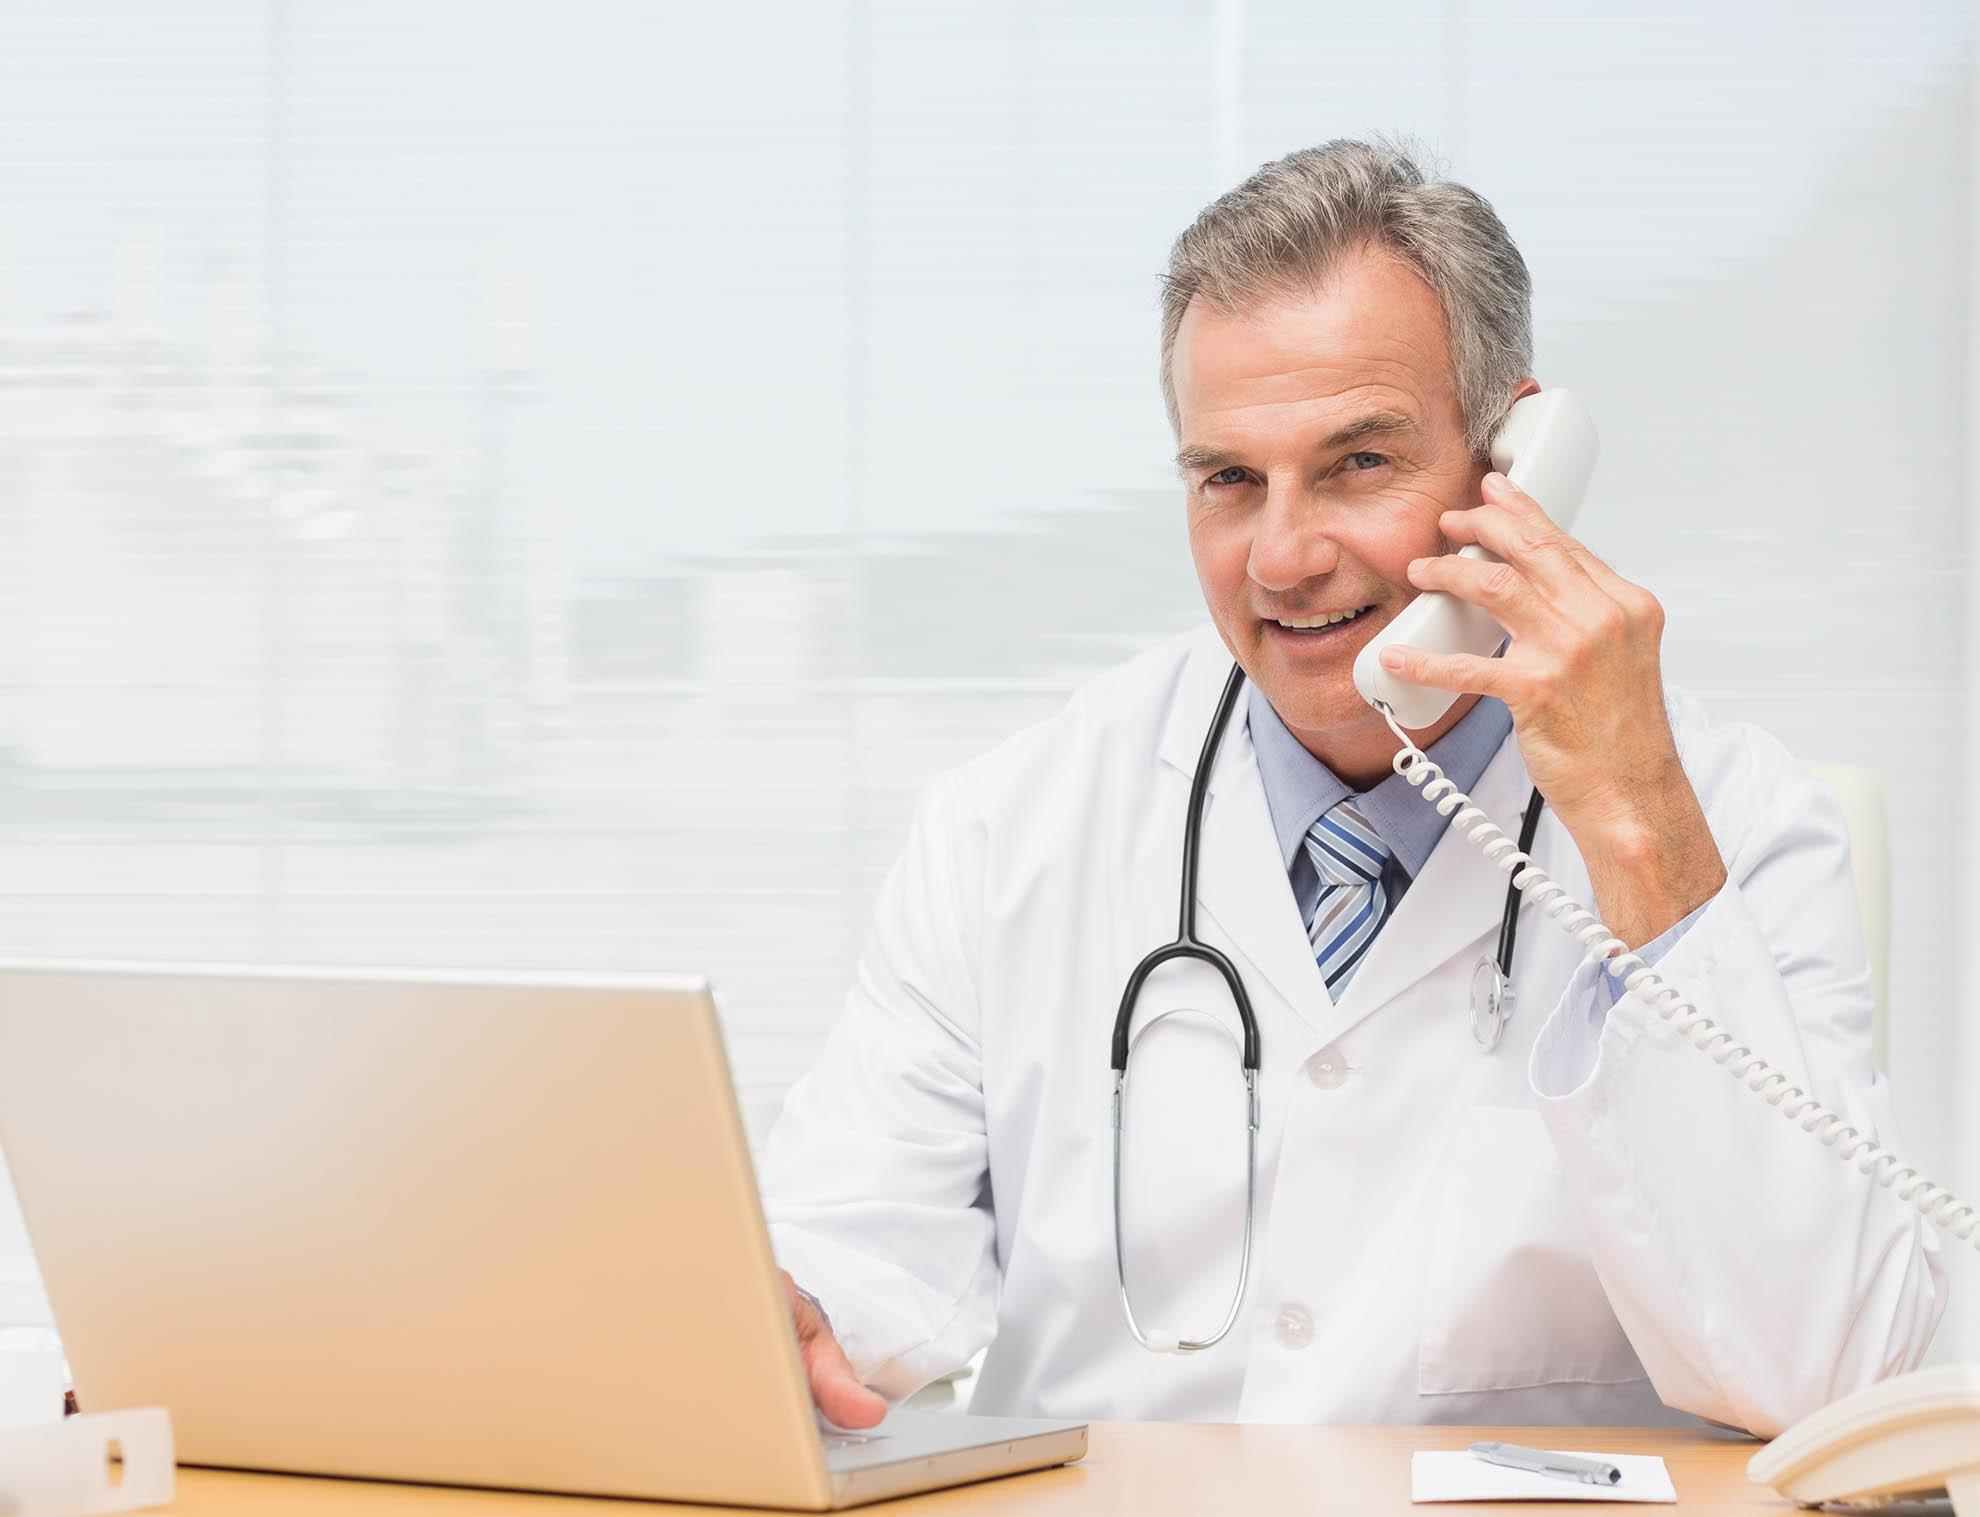 answering-exchange-wichita-ks-homepage-image-medical-2